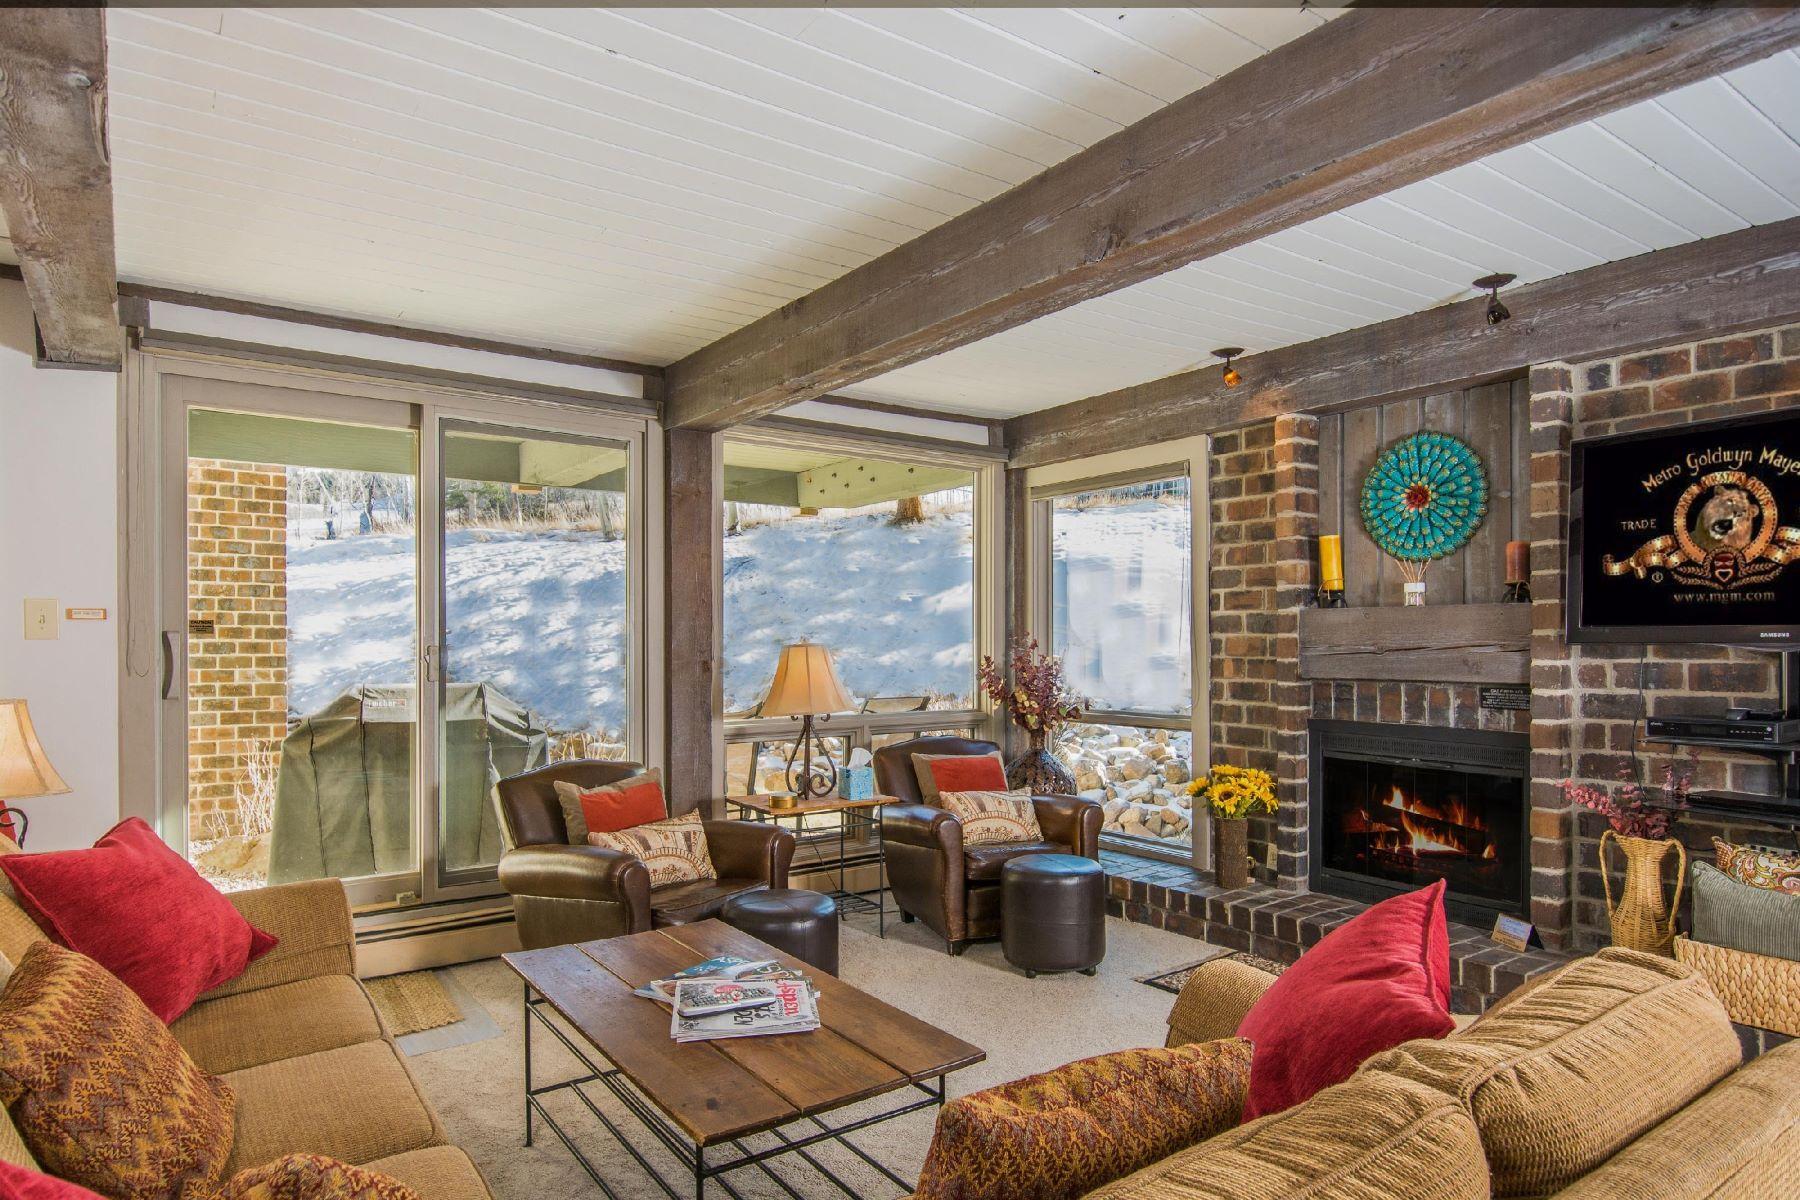 共管式独立产权公寓 为 销售 在 Top of the Village, Trails 107 855 Carriage Way Trails 107, 斯诺马斯村, 科罗拉多州, 81615 美国